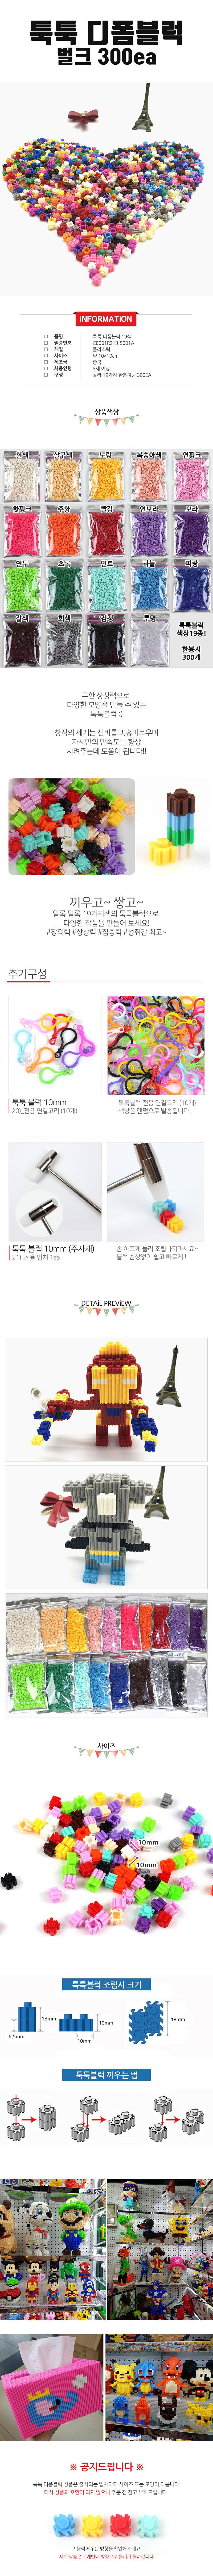 툭툭 10mm 부자재_전용고리(10개) - 콘텐츠허브, 1,900원, 레고/블록, 나노블록